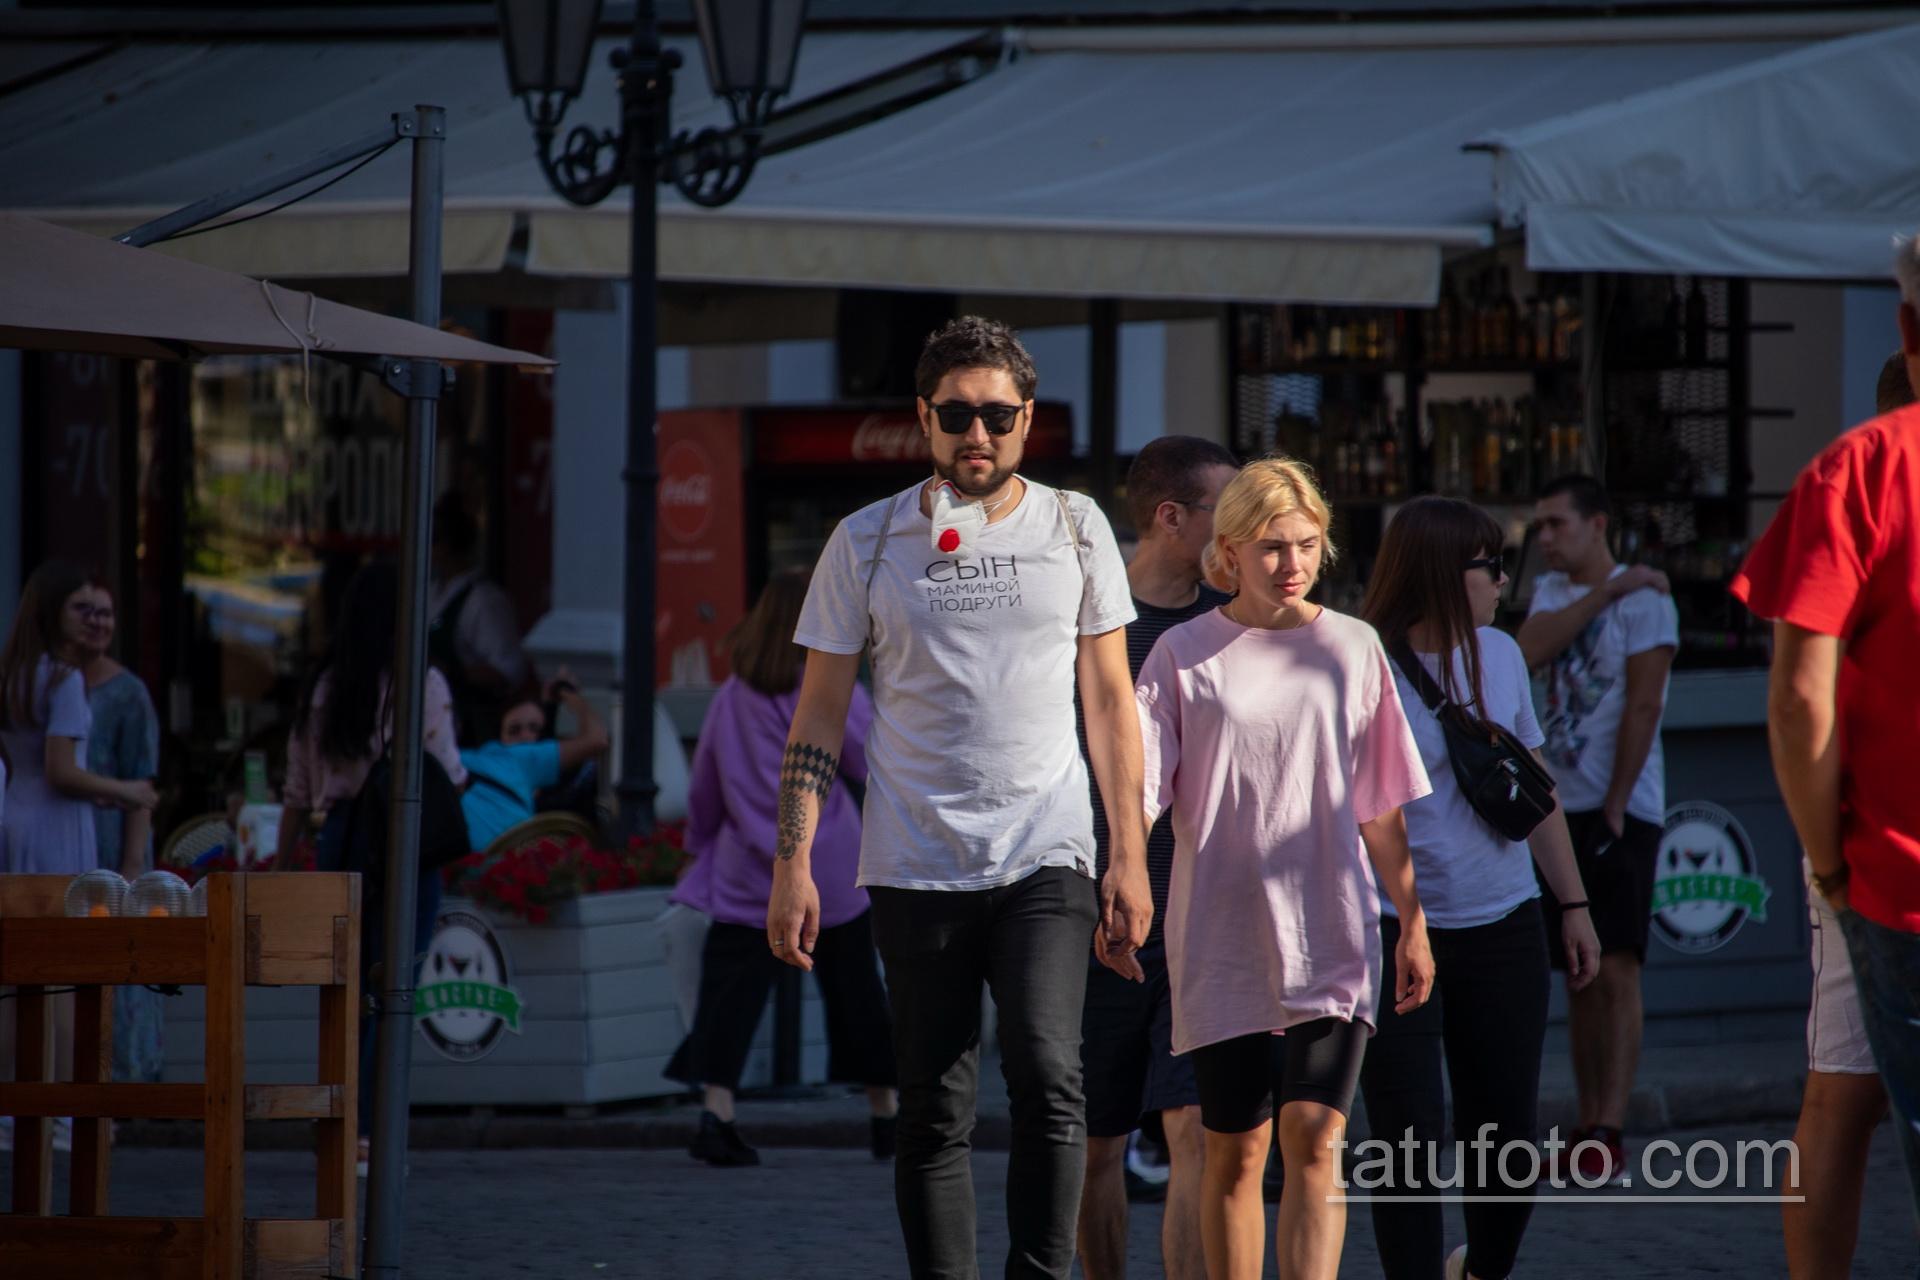 Черные тату с ромбами на правой руке парня Дерибасовской - Уличная татуировка 14.09.2020 – tatufoto.com 1